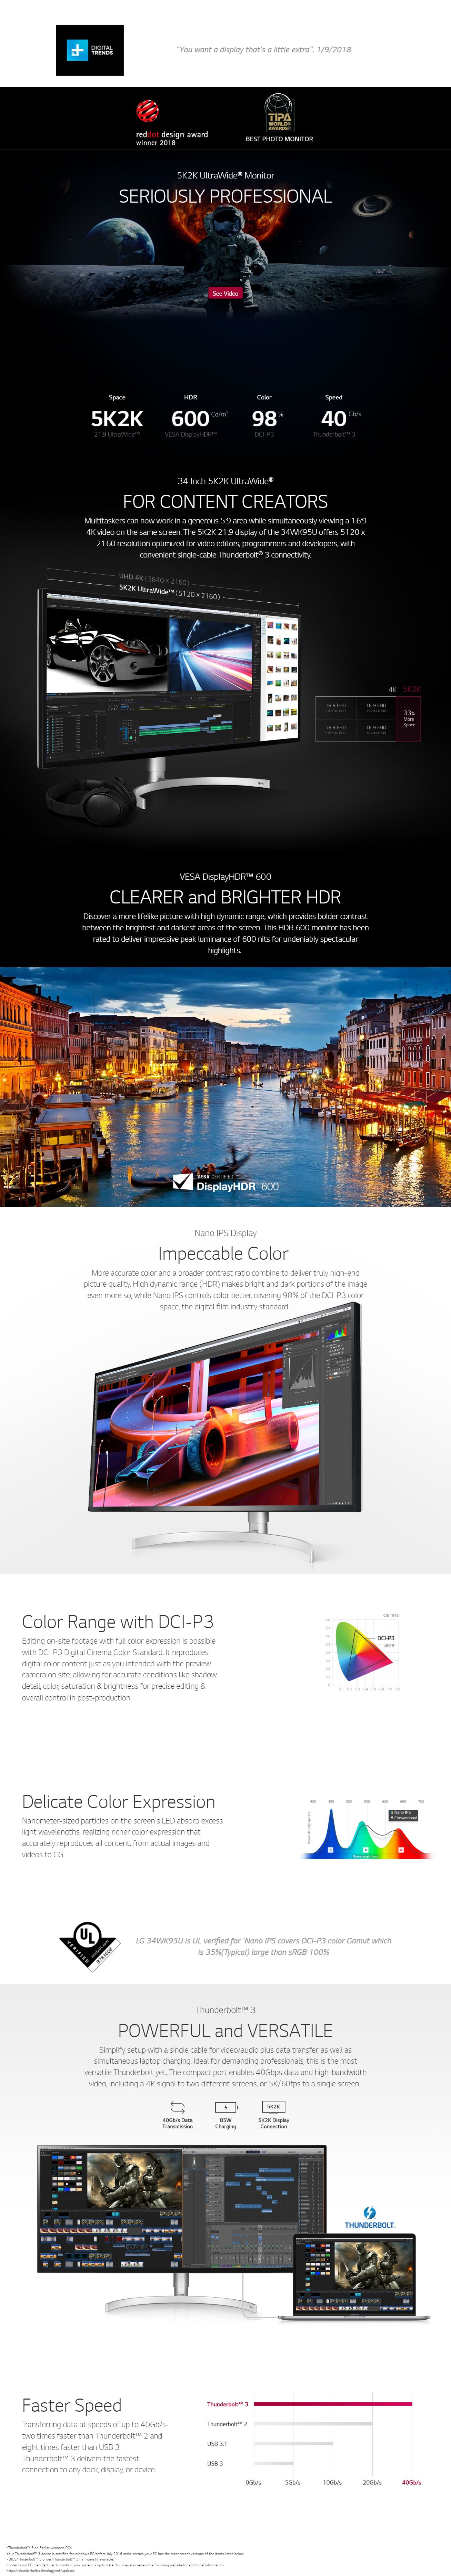 LG 34in Nano IPS 5120x2160 Thunderbolt 3 HDR600 Monitor (34WK95U)